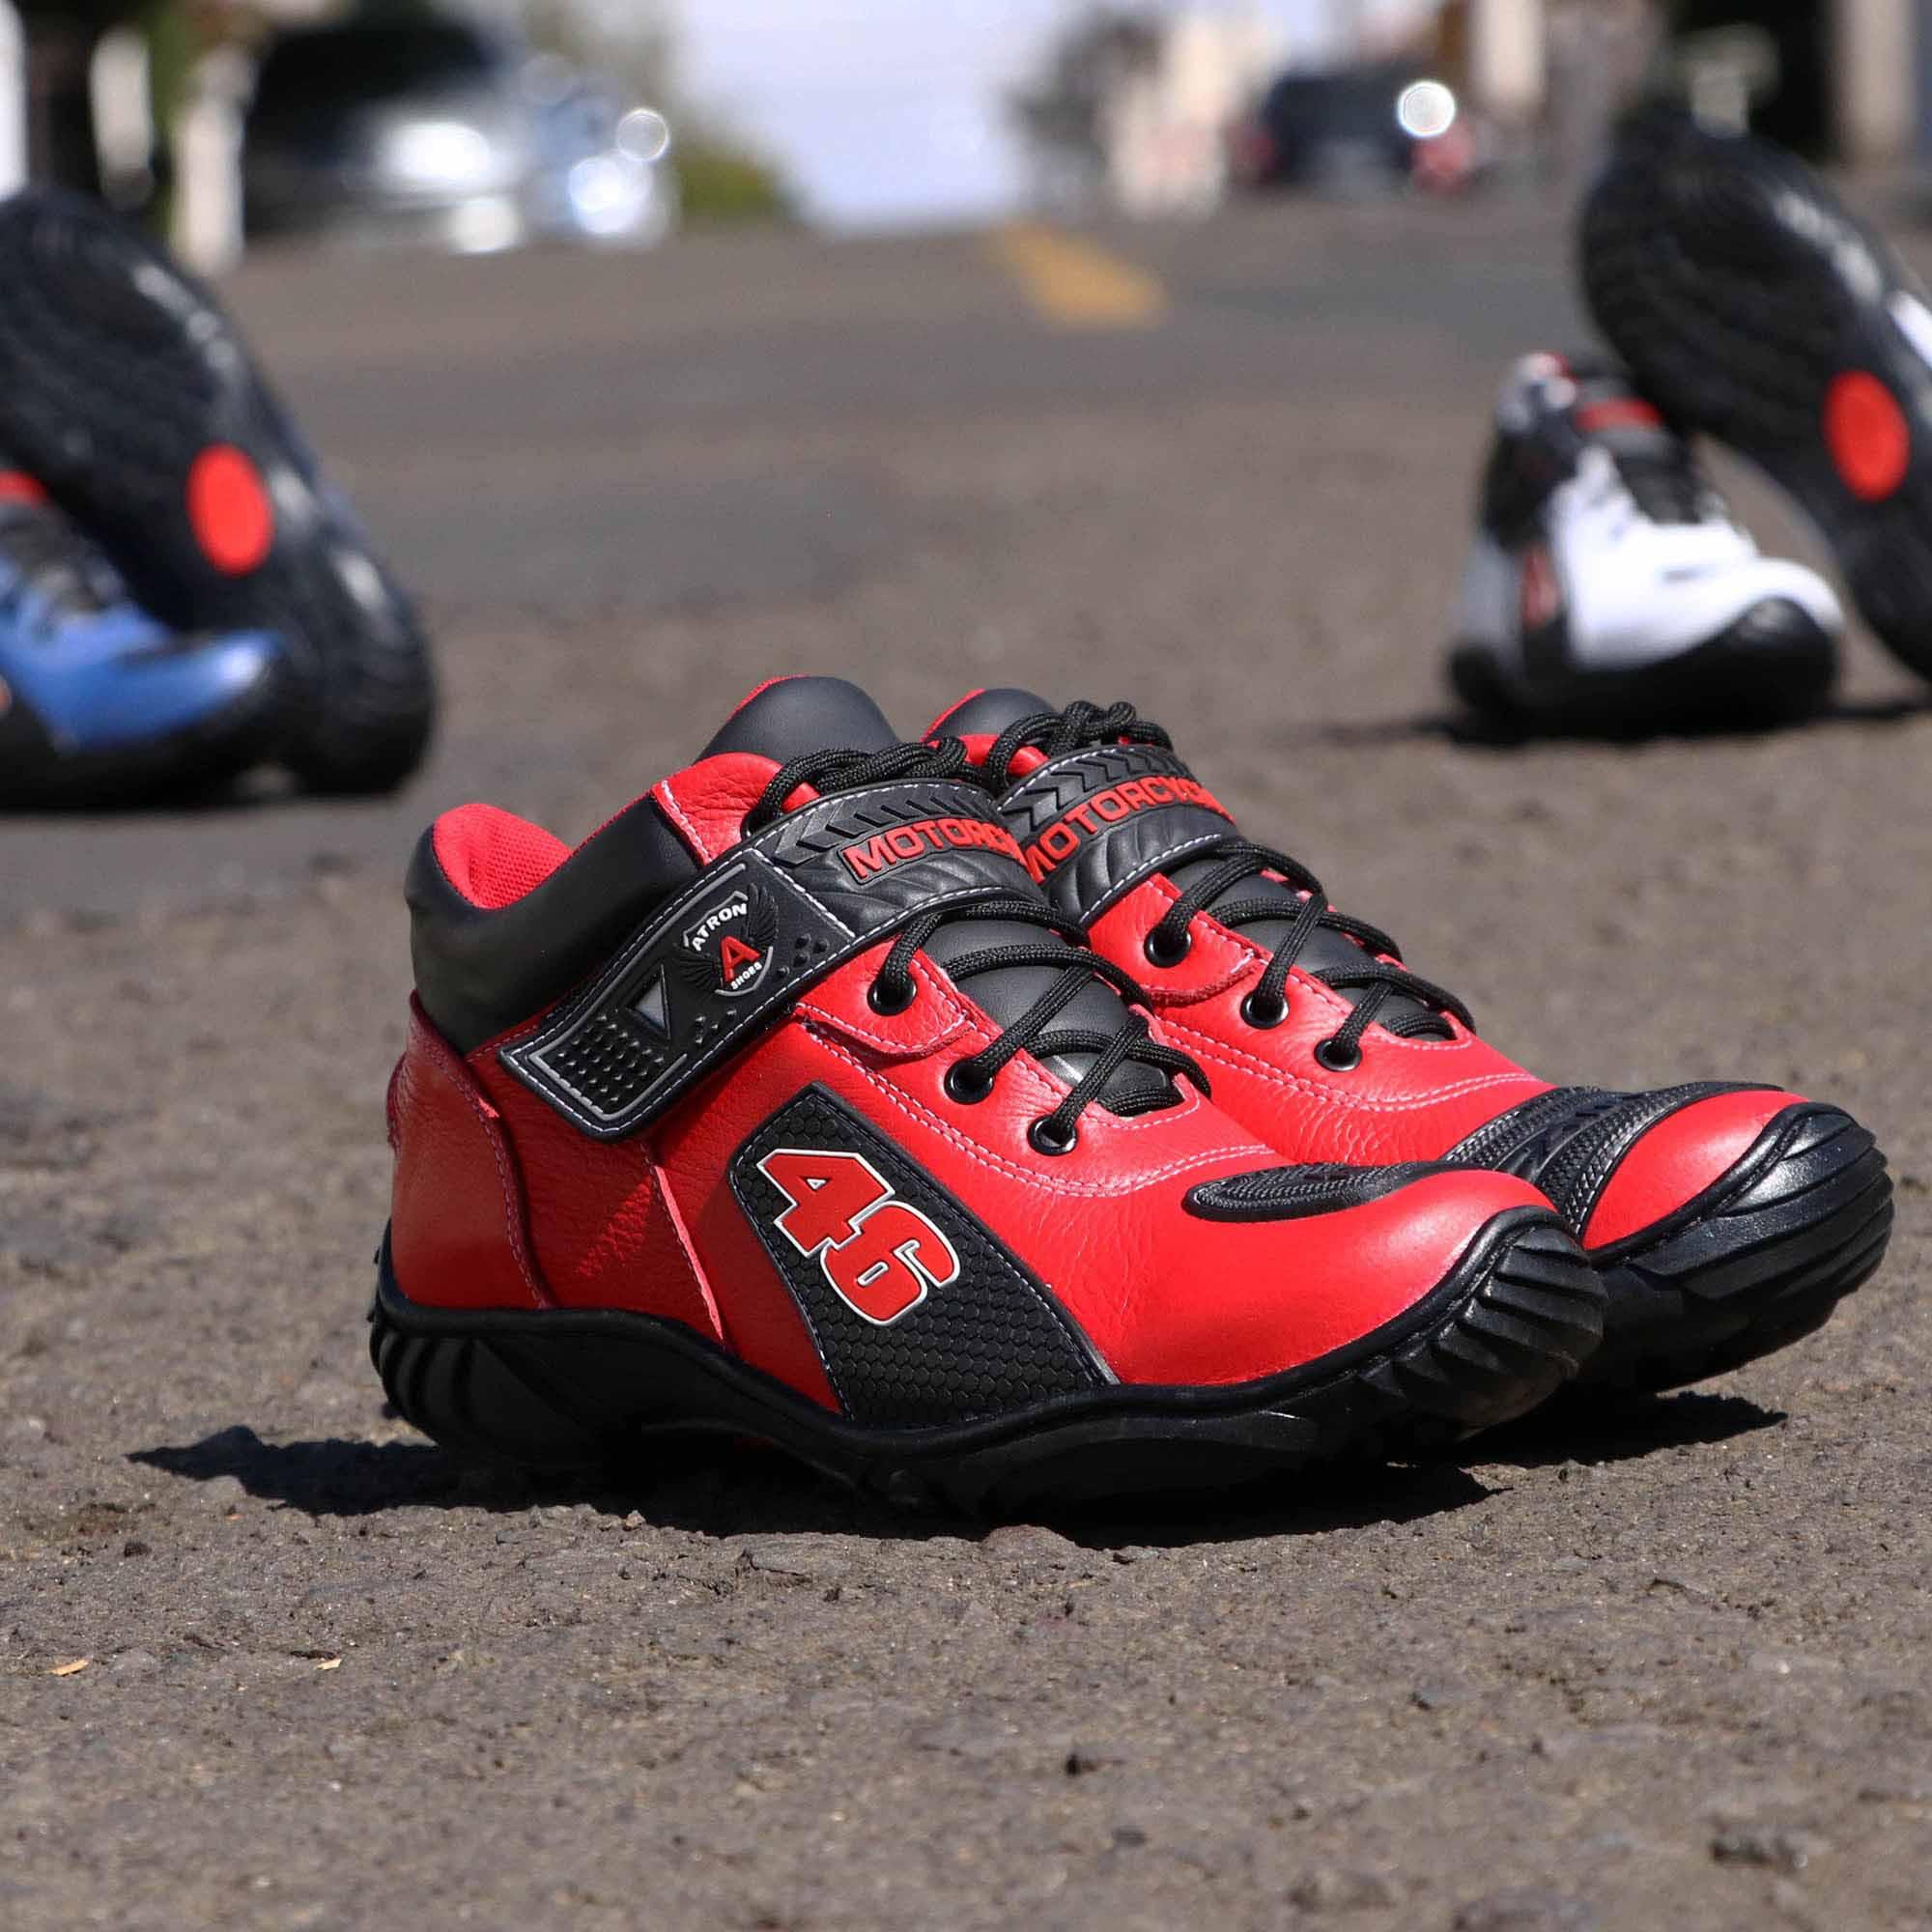 Bota motociclista Valentino Rossi toda vermelha 46 401